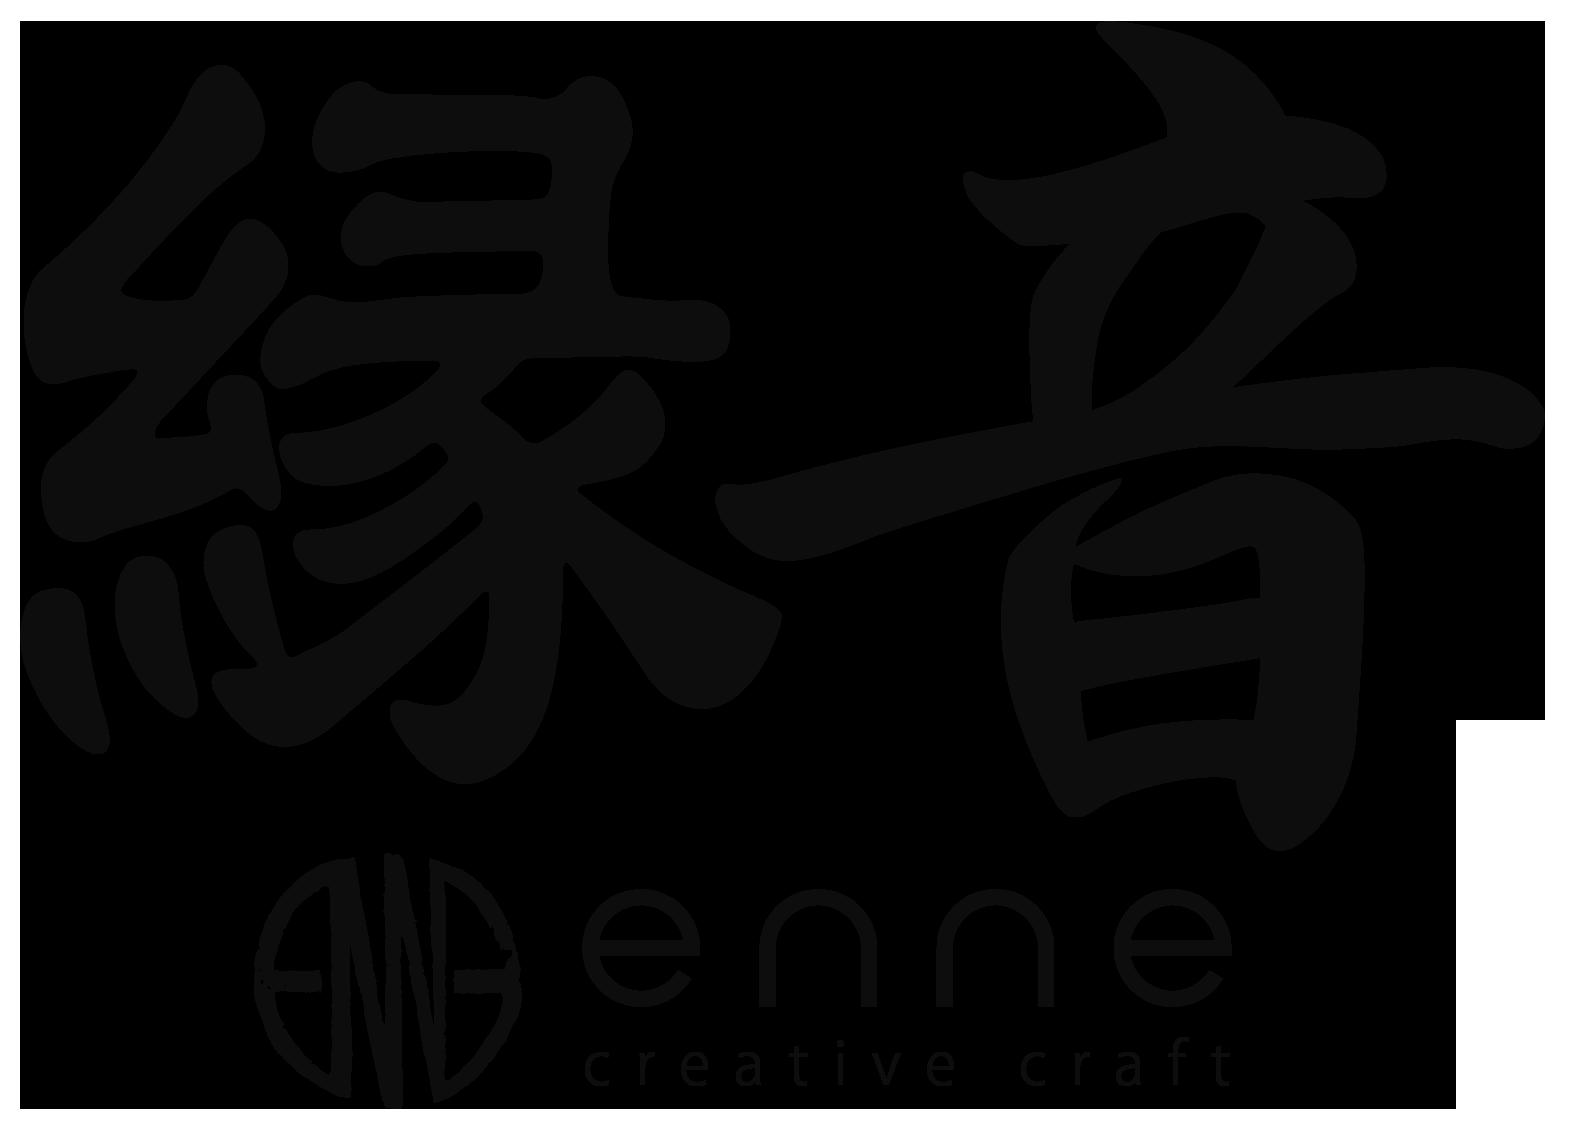 縁音-enne- 伝統工芸とものづくり